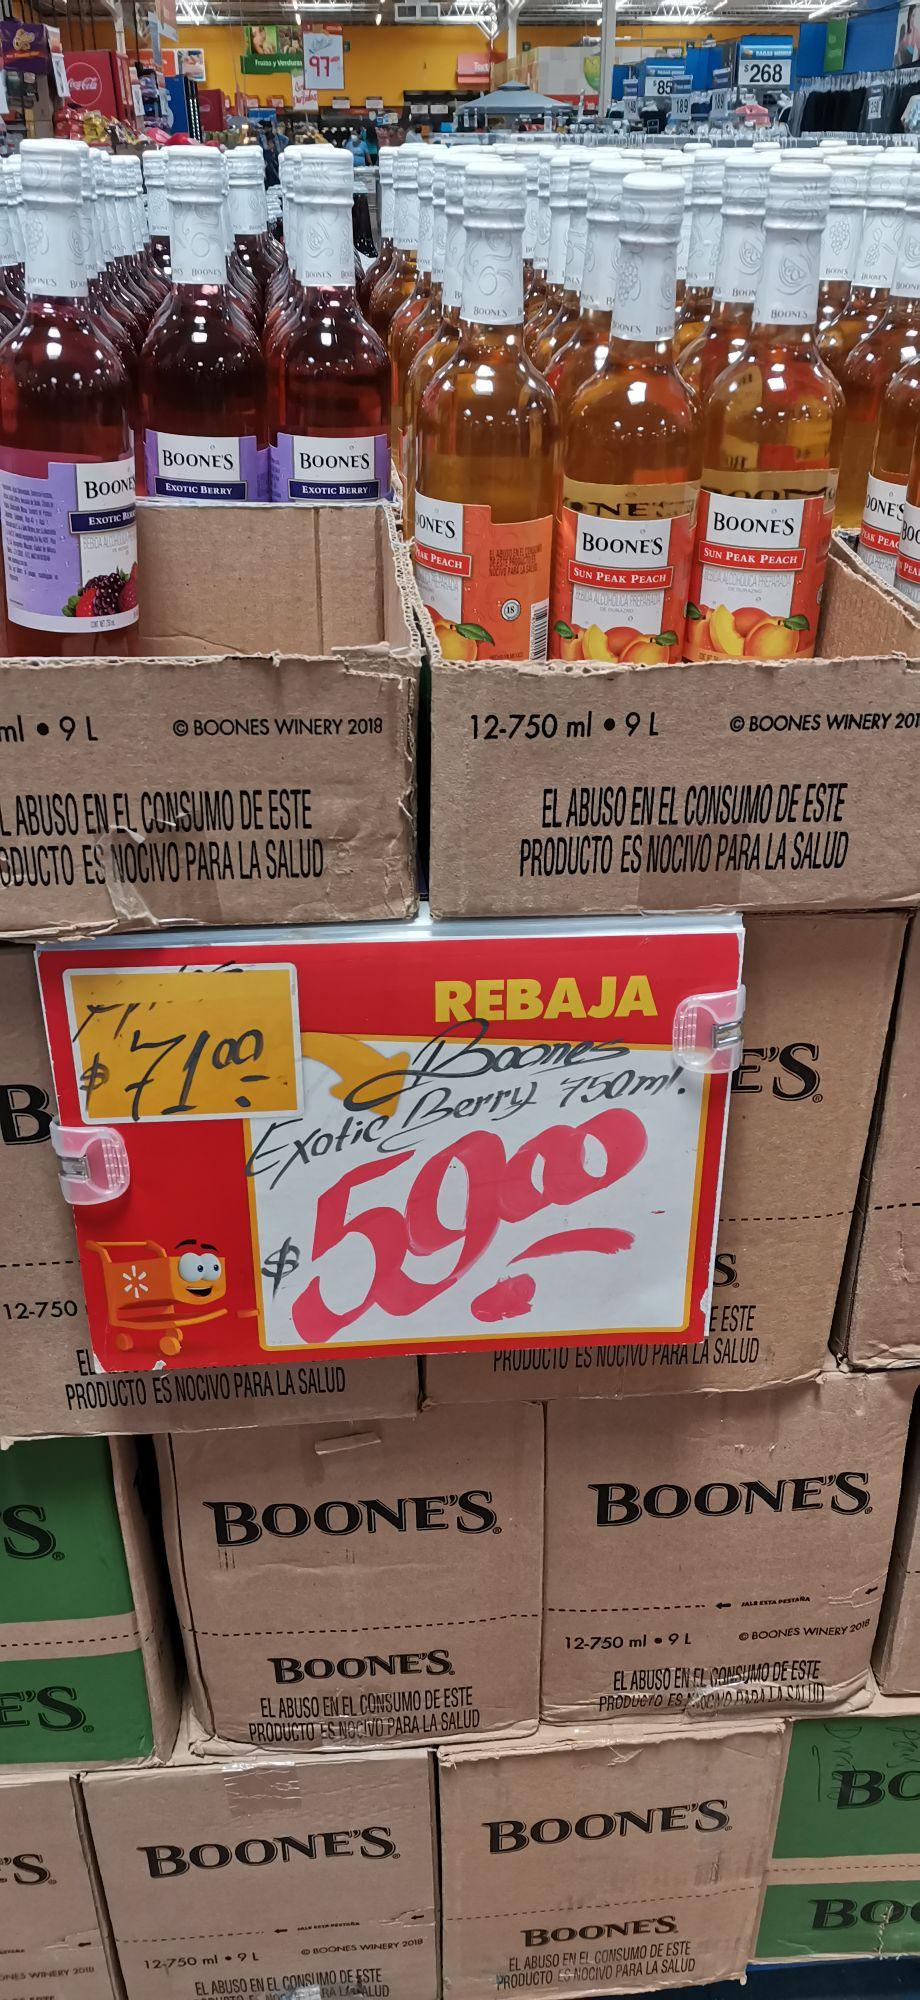 Boones en Walmart a $59.00 pesos